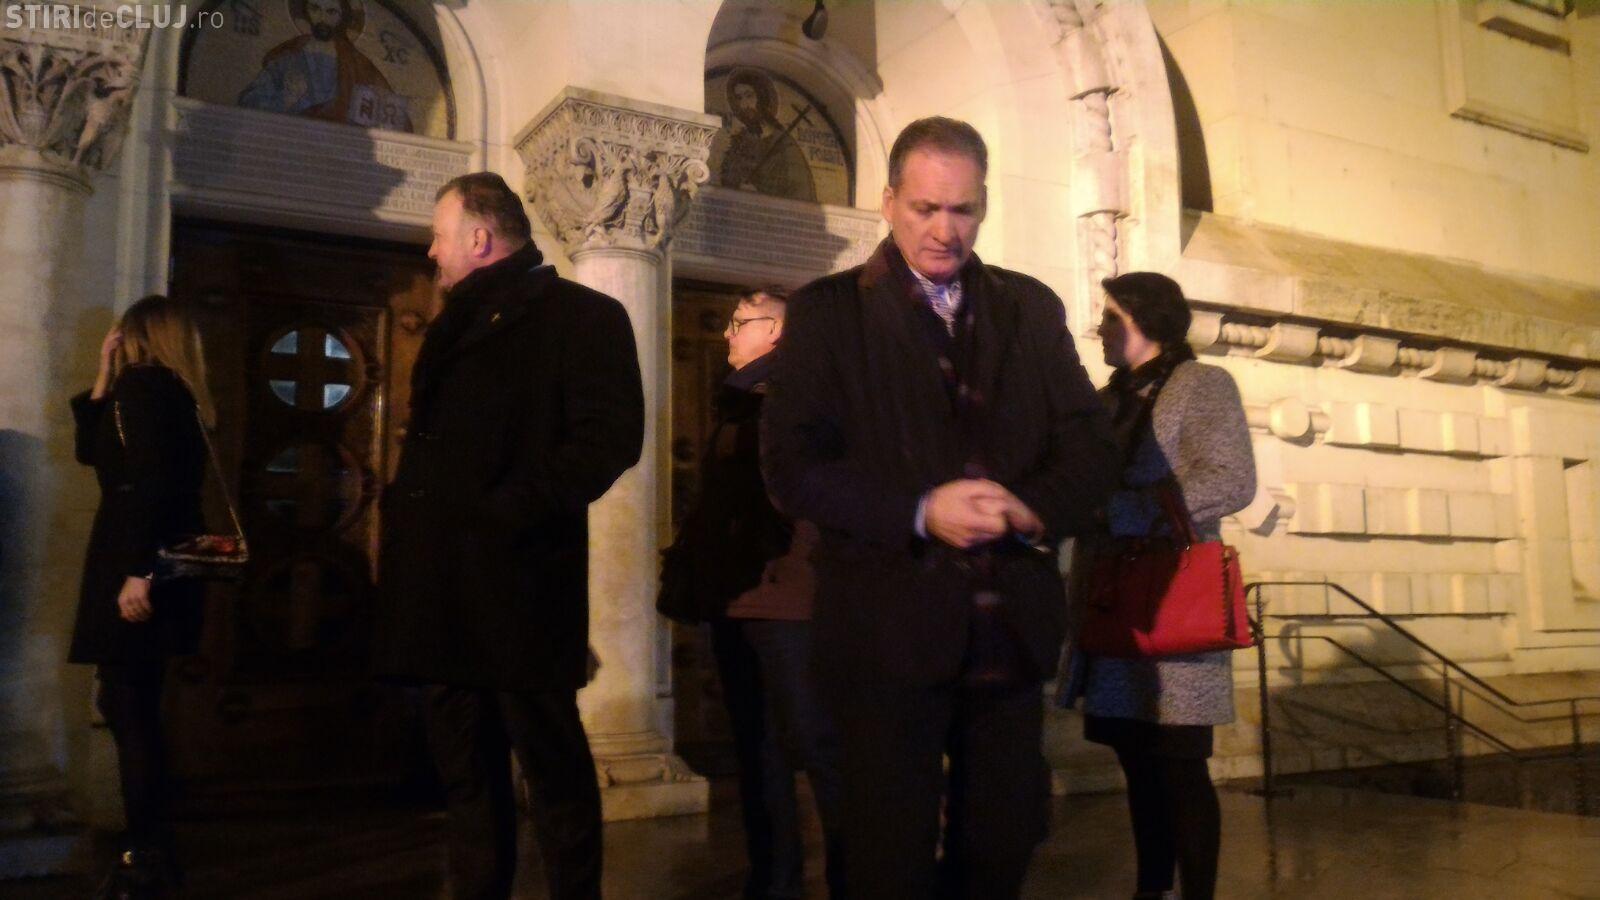 Fostul senator PSD Cluj Alexandru Cordoș și preotul Valentin Guia s-au rugat pentru unitatea românilor FOTO